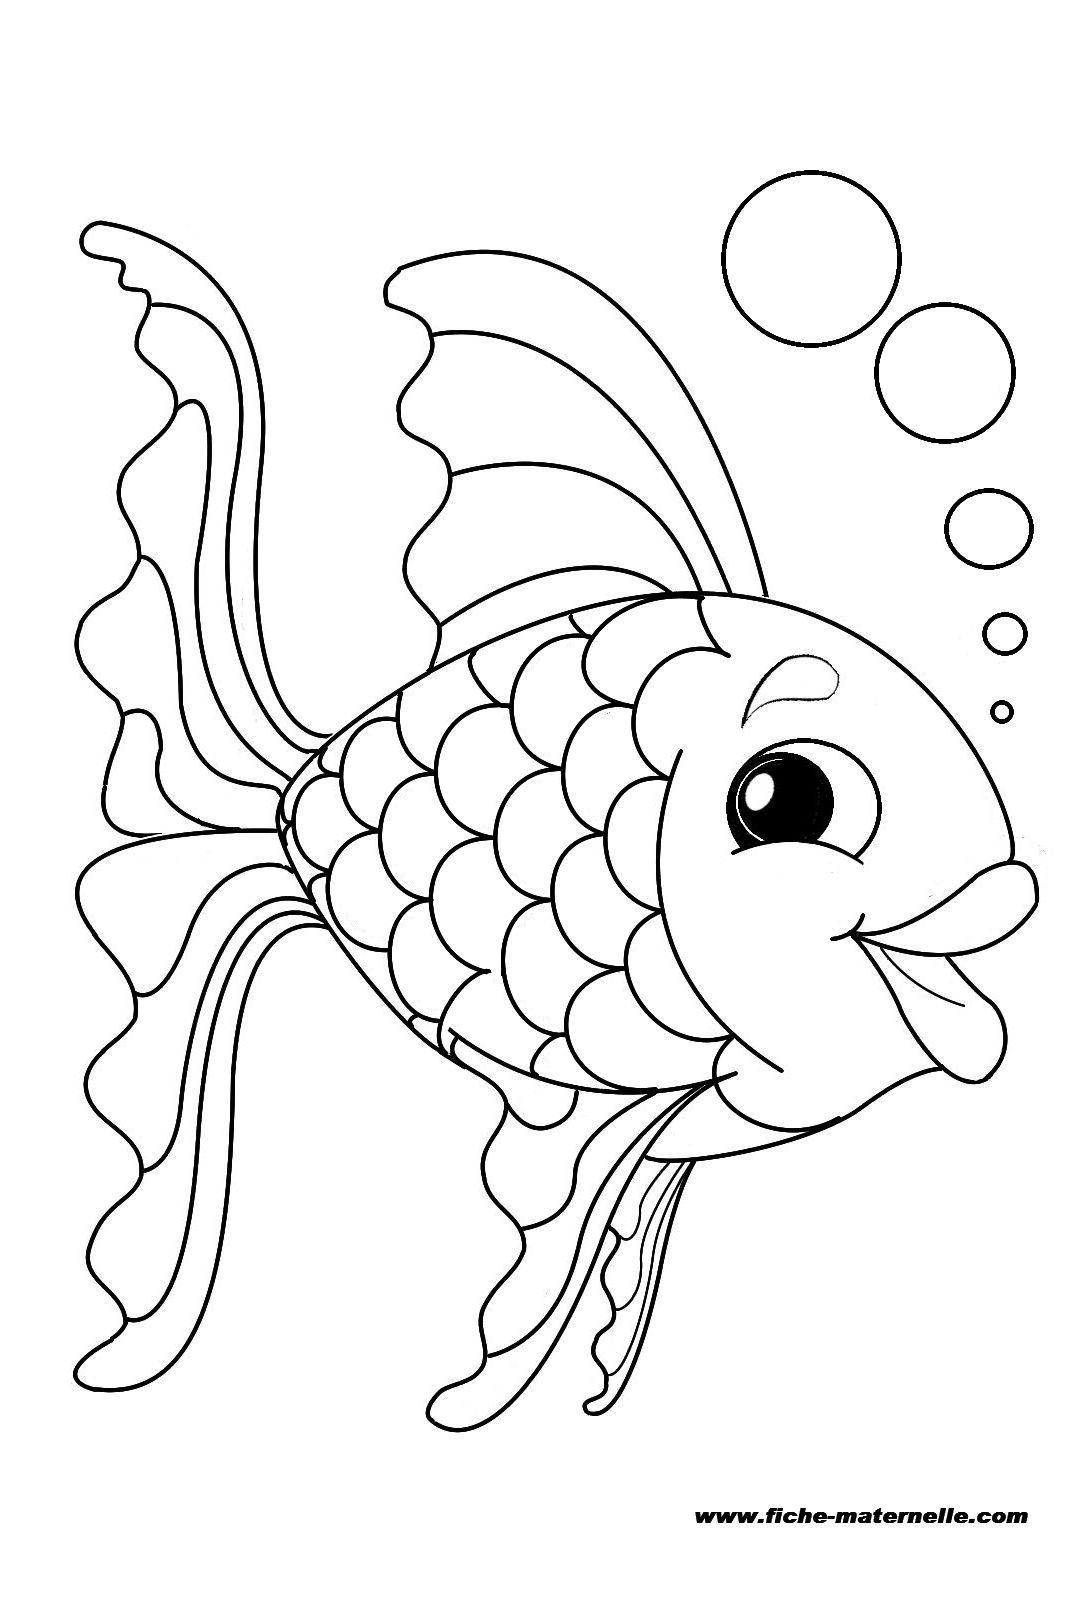 Coloriage : un poisson | Coloriage poisson, Coloriage gratuit